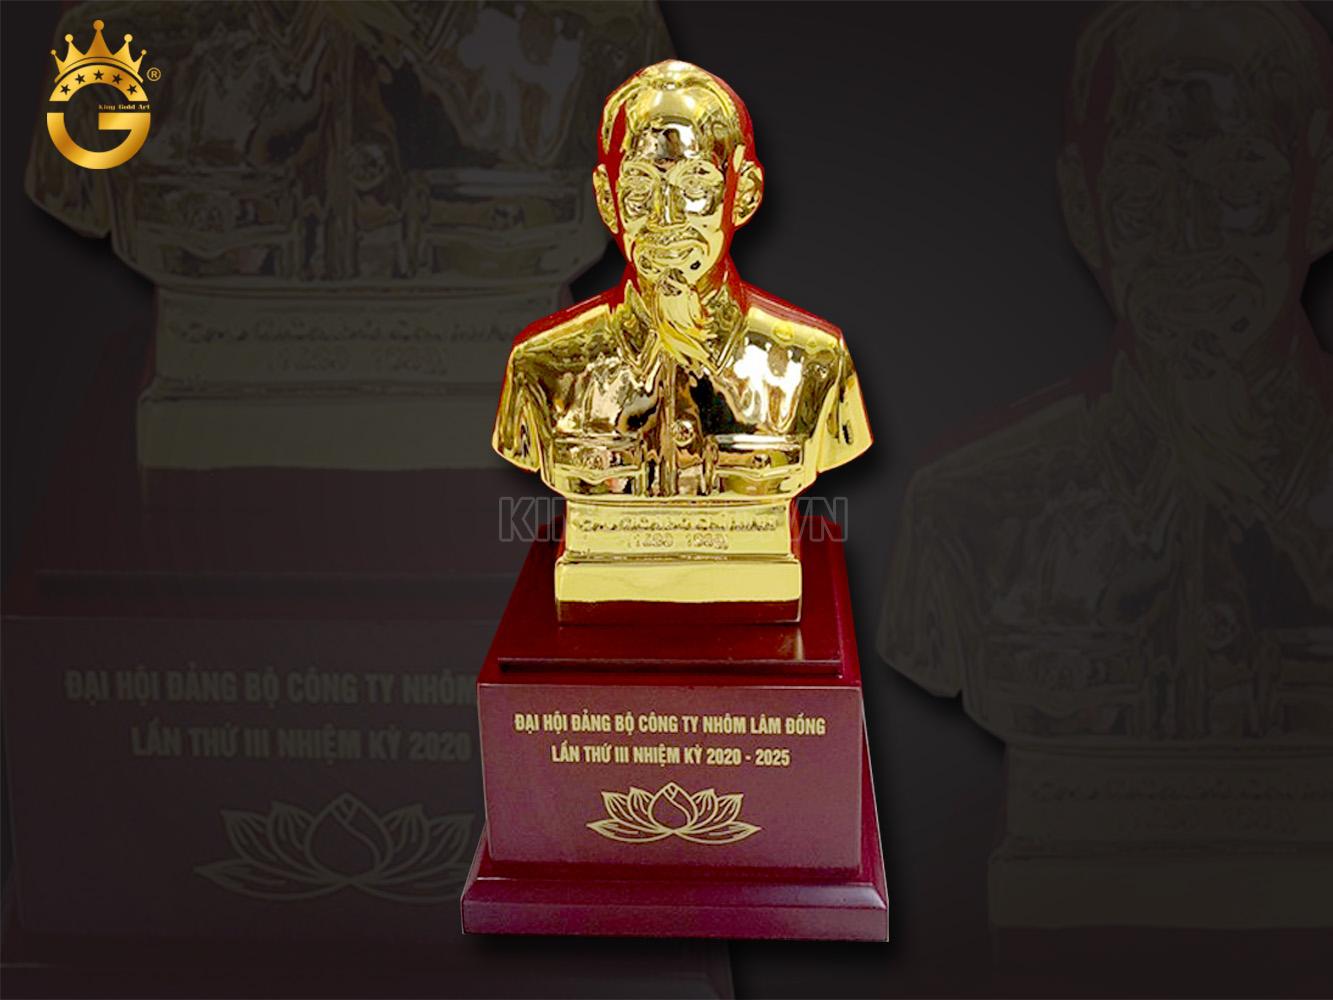 Tượng chân dung Bác hồ mạ vàng, quà hot sự kiện đại hội